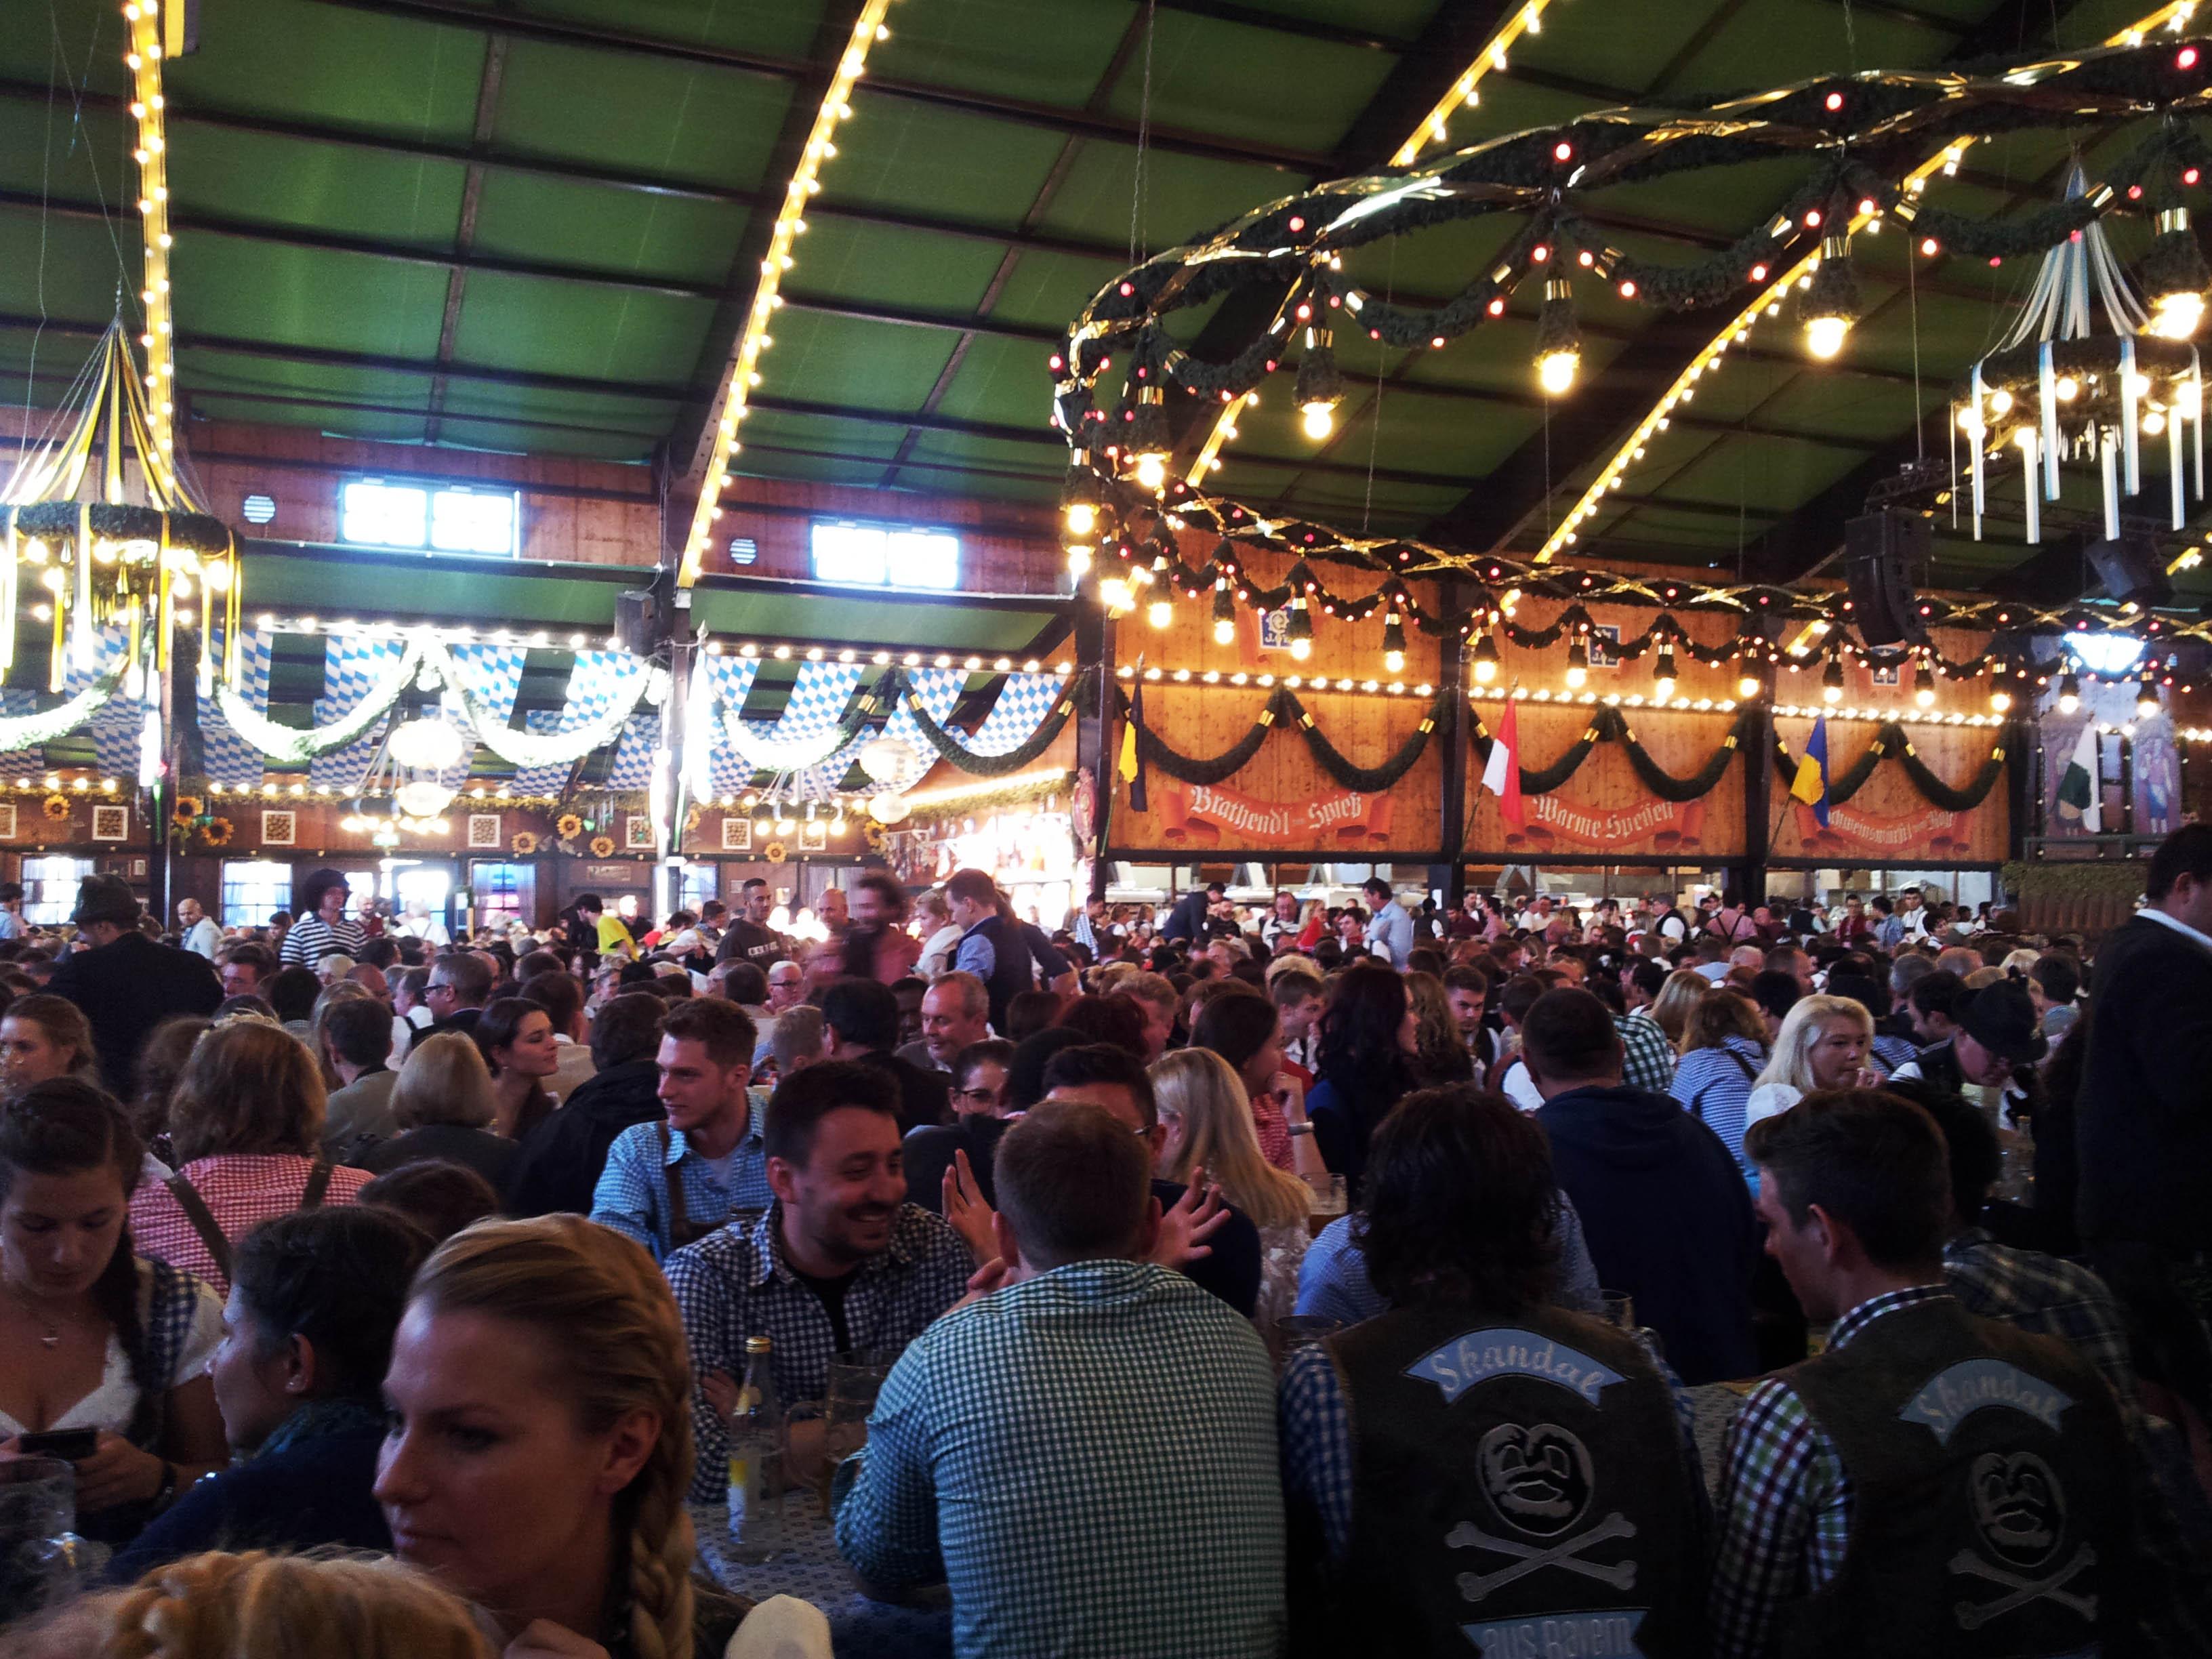 A tutaj w innym namiocie. Będąc na Oktoberfest weźcie pod uwagę, że jeśli w namiocie nie ma miejsc to ludzie nie są wpuszczani. I tak oto w godzinach wczesno-wieczornych może być tak, że wszystkie namioty są już zamknięte... Nam akurat się udało i w ciągu jednego dnia odwiedziliśmy aż 4 namioty i do wszystkich udało nam się wejść :)